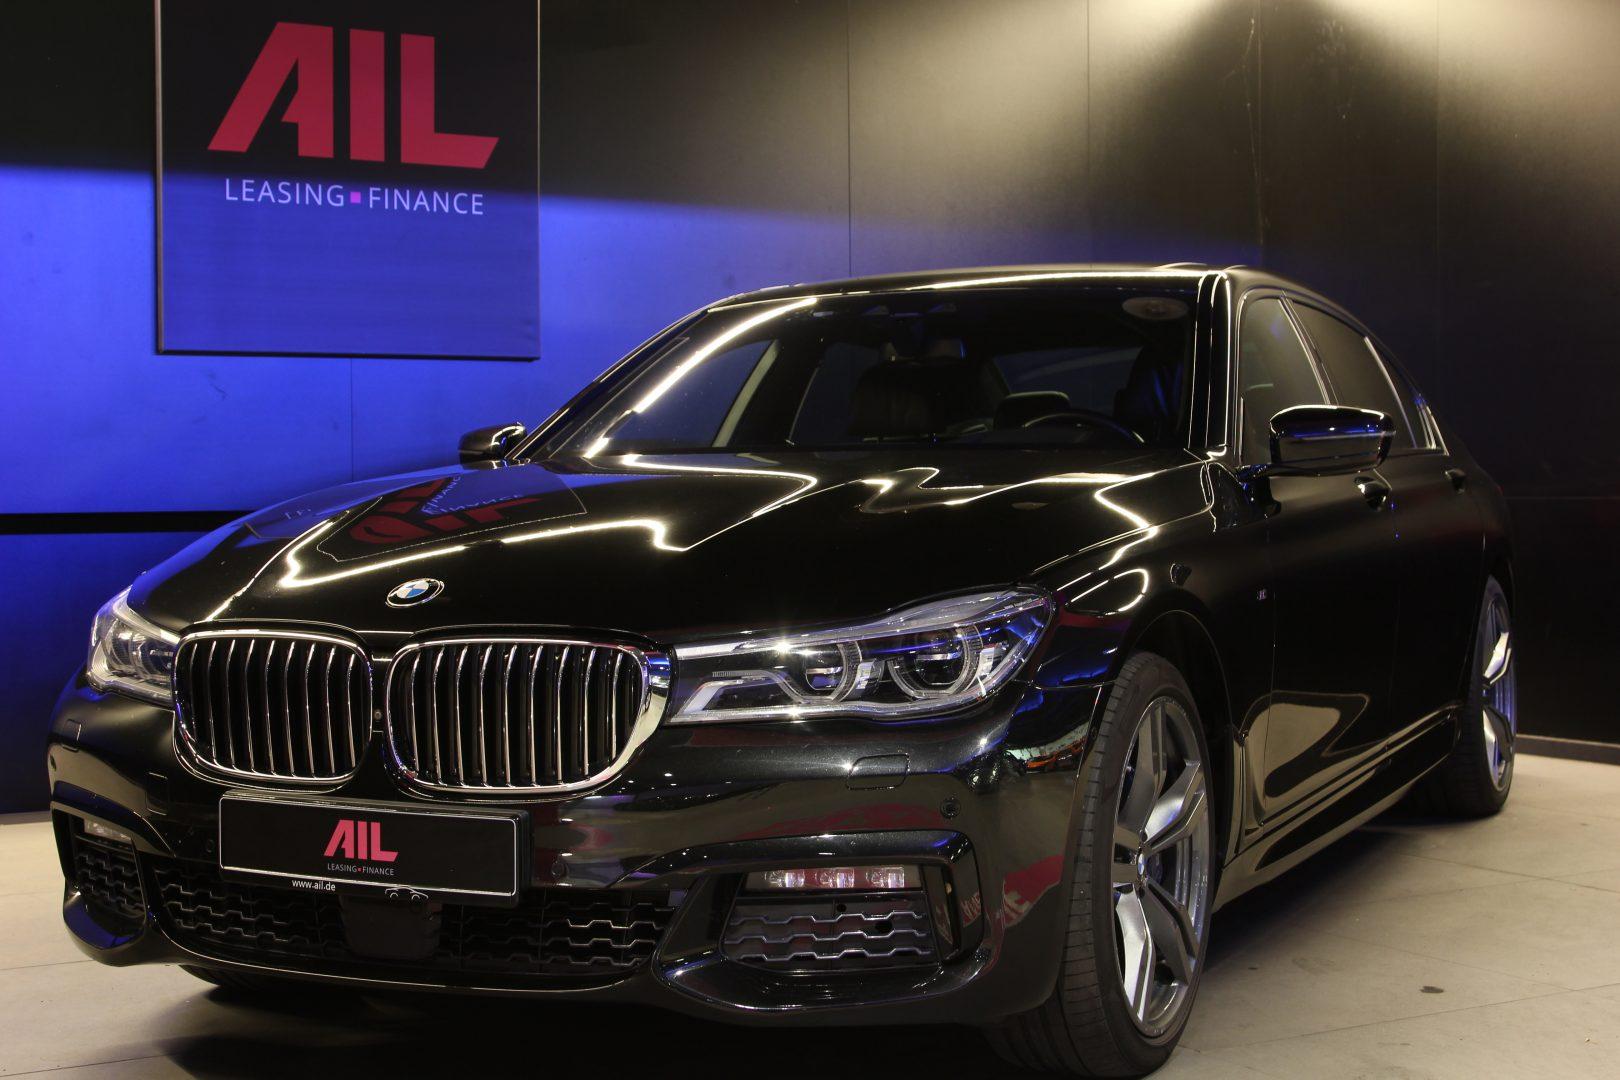 AIL BMW 750Ld xDrive M-Paket  8